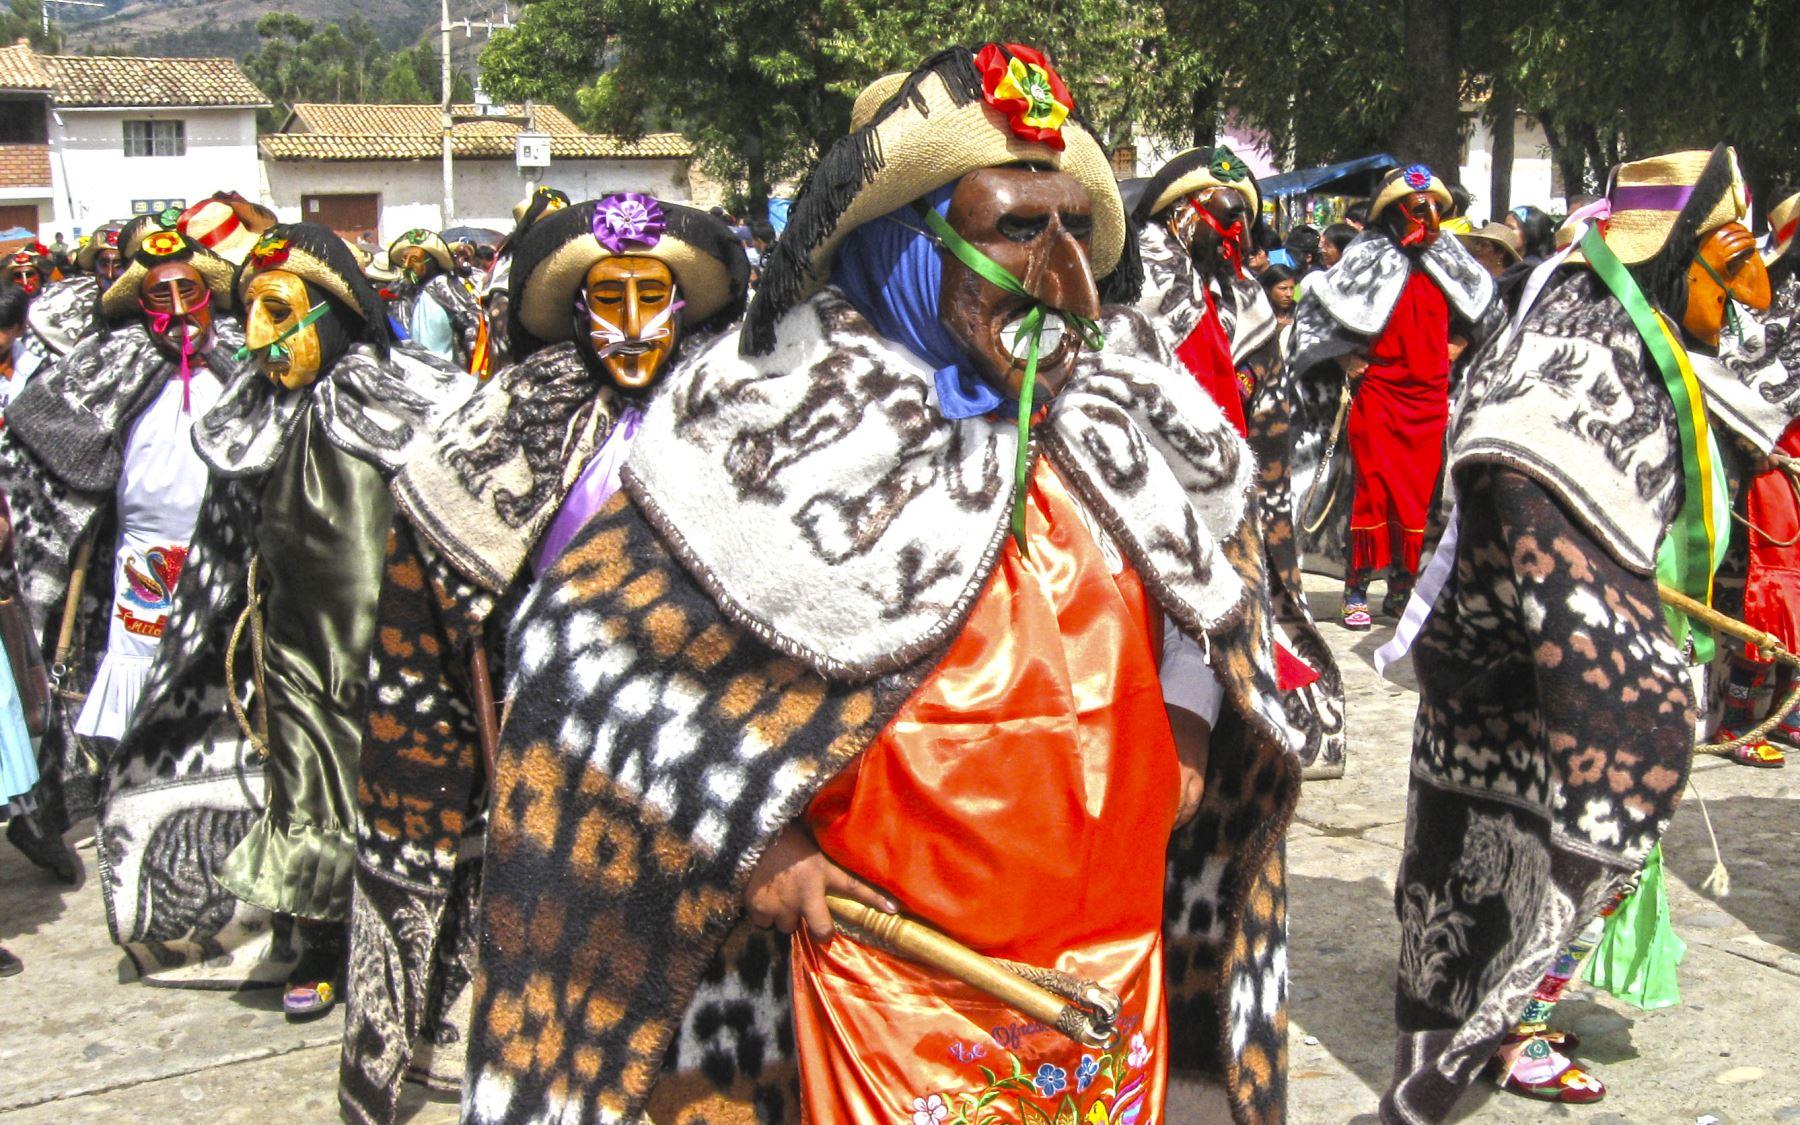 La Huaconada de Mito, danza emblemática de la región Junín, es una de las celebraciones jubilares con las que empezará el calendario festivo 2020 en el Perú. ANDINA/archivo